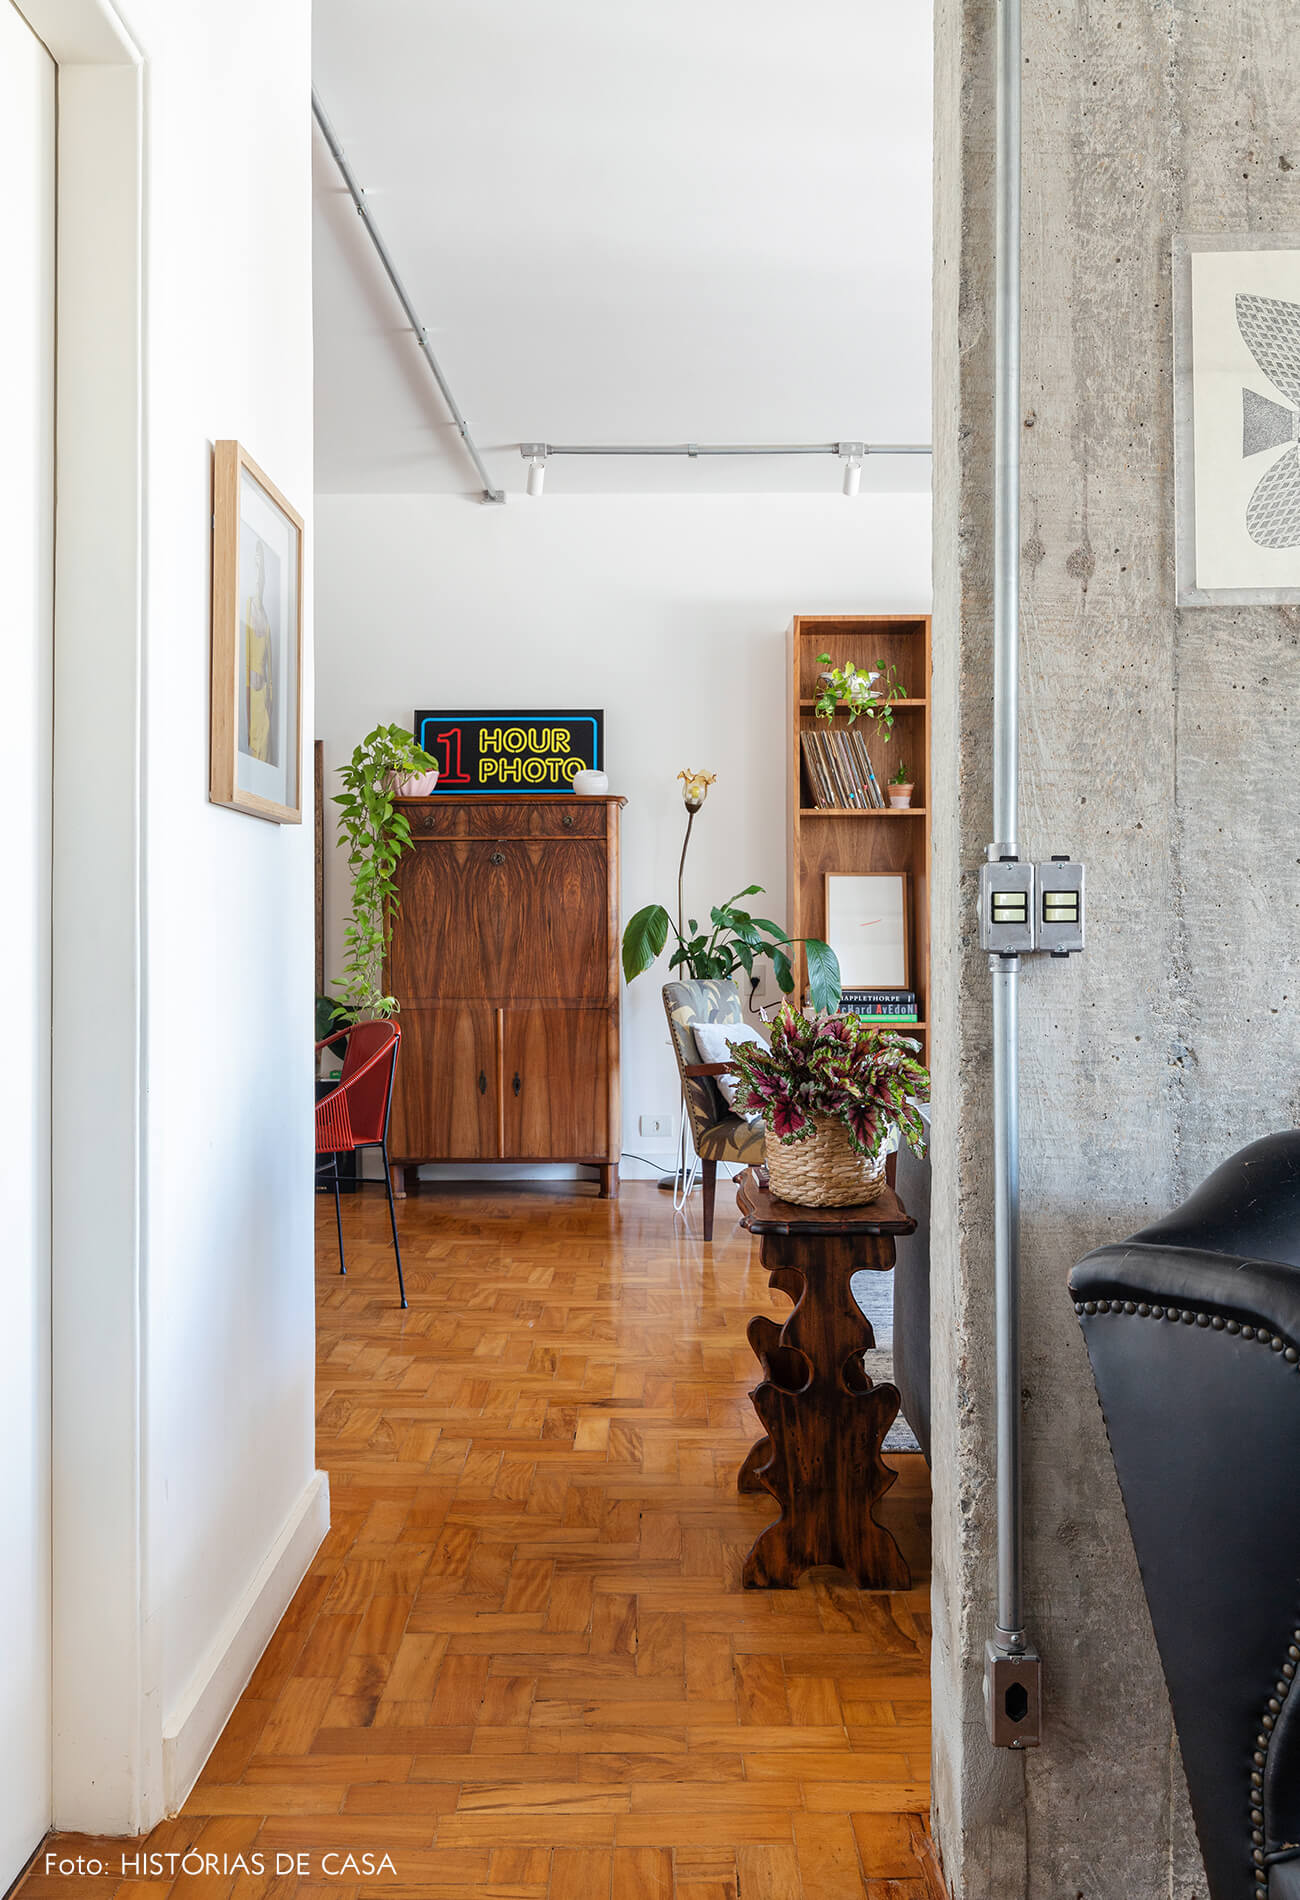 Sala com parede de concreto e chão de madeira